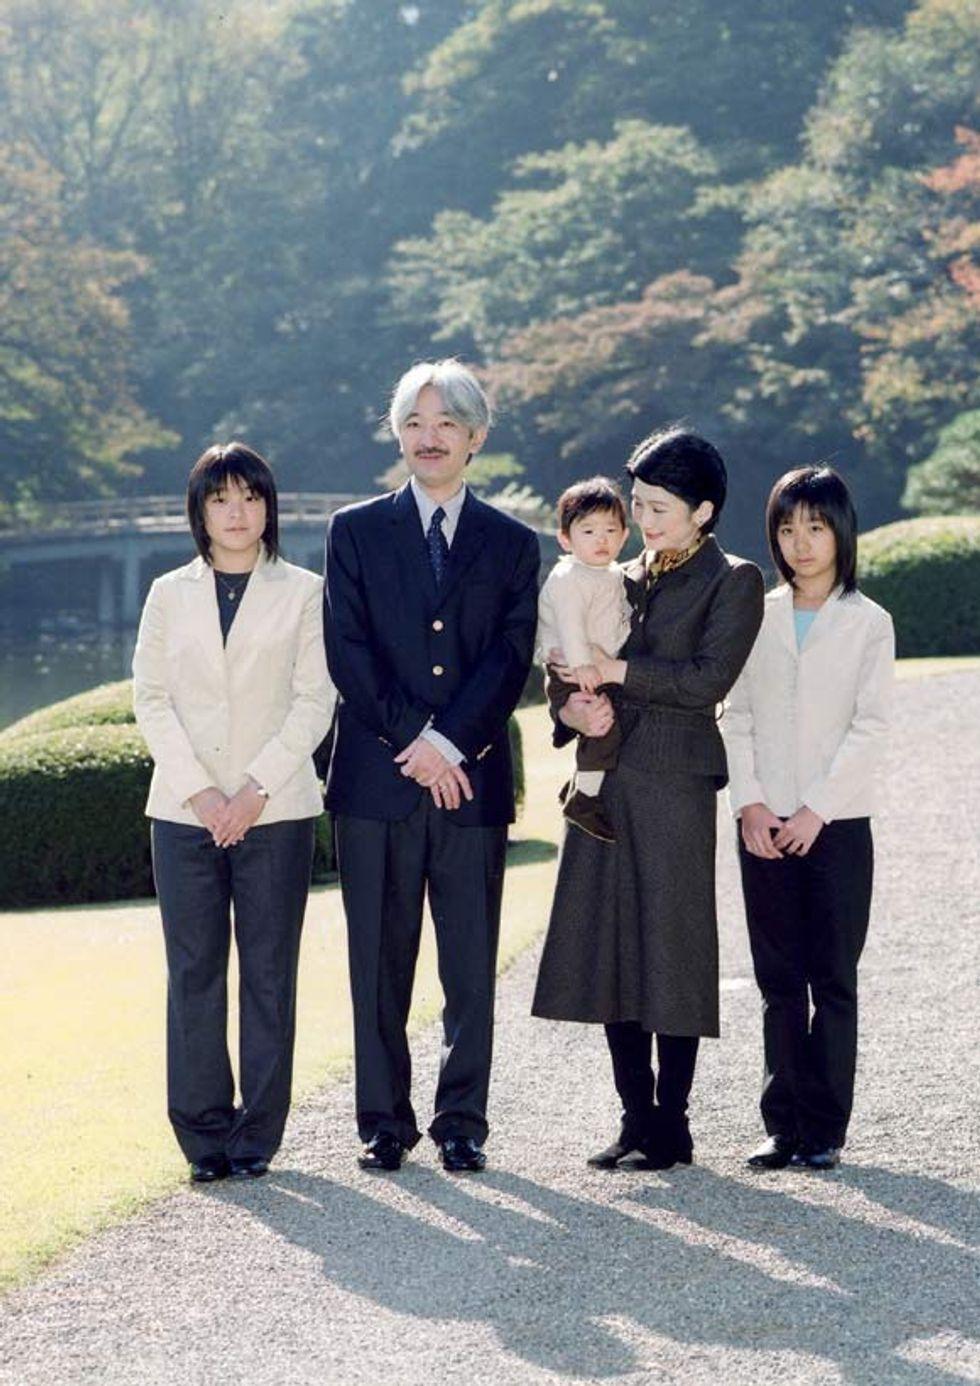 Future Emperor: Prince Hisahito